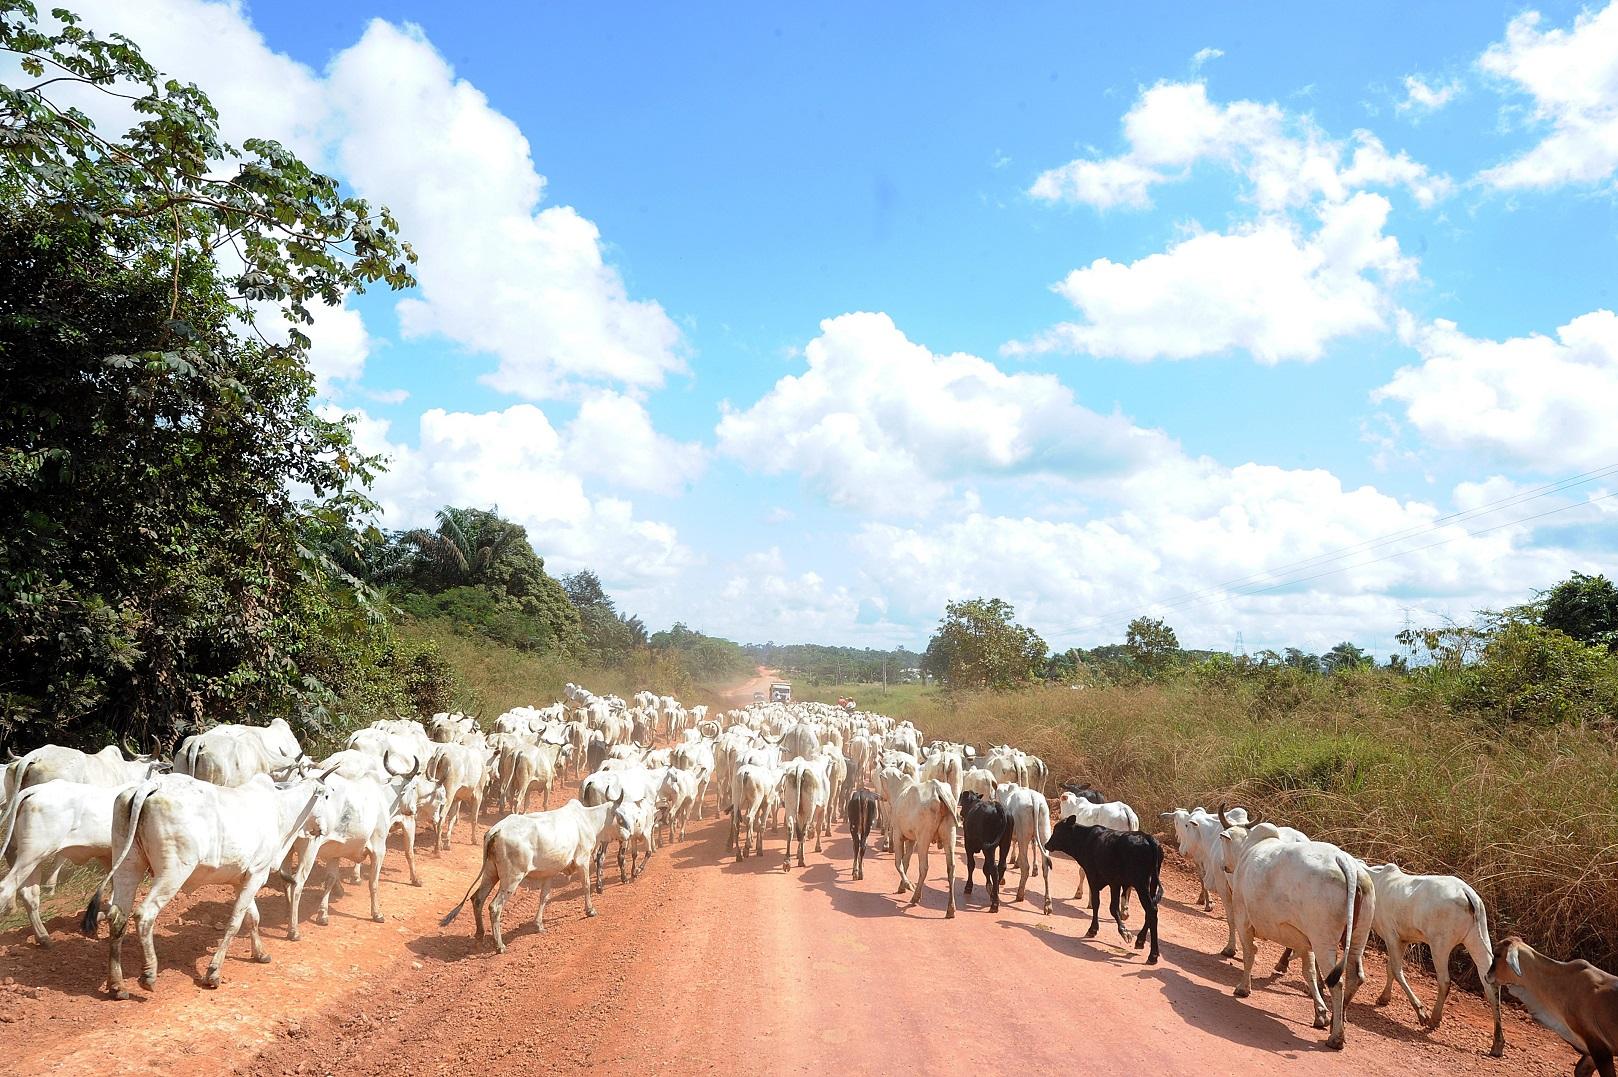 O gado invade a rodovia Transamazônica, próxima à cidade de Anapu, onde os conflitos de terra são frequentes. Foto Evaristo Sá/AFP